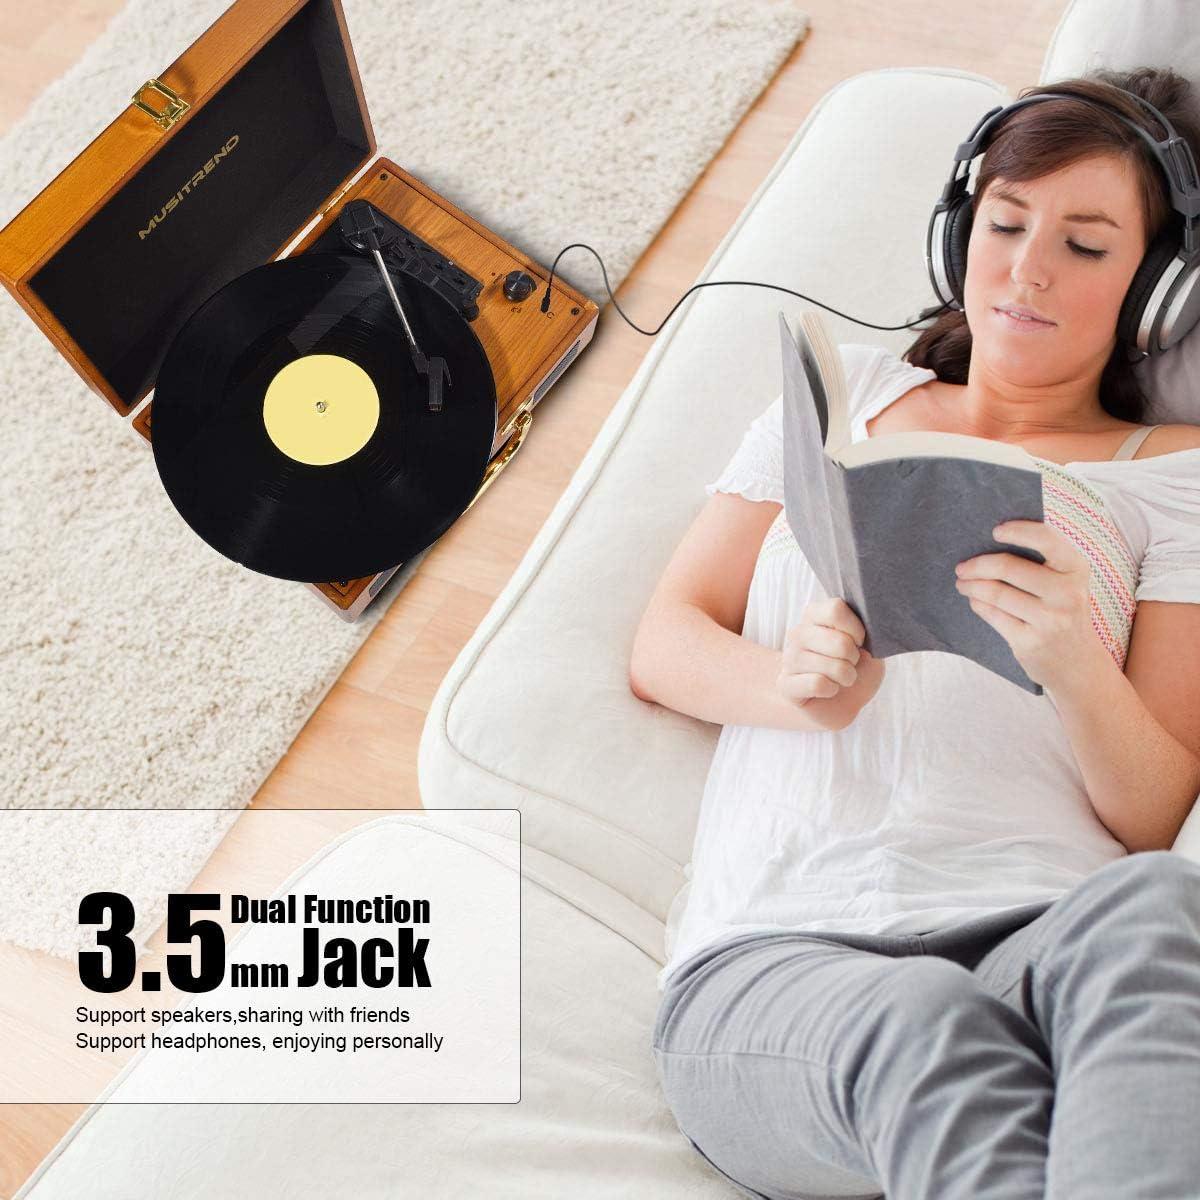 Amazon.com: Musitrend - Tocadiscos de vinilo, reproductor de ...